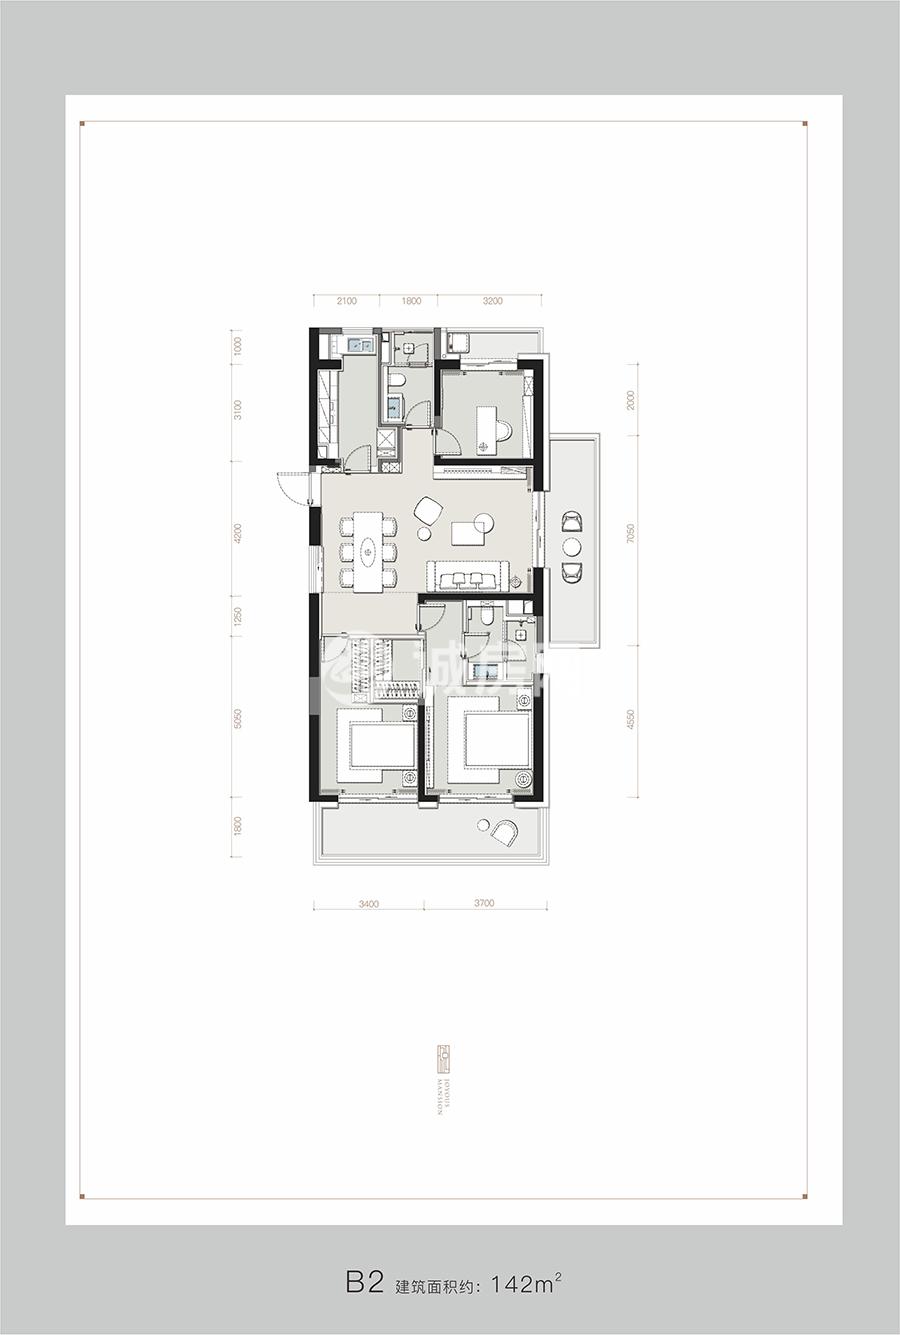 罗牛山玖悦台3室2厅2卫1厨